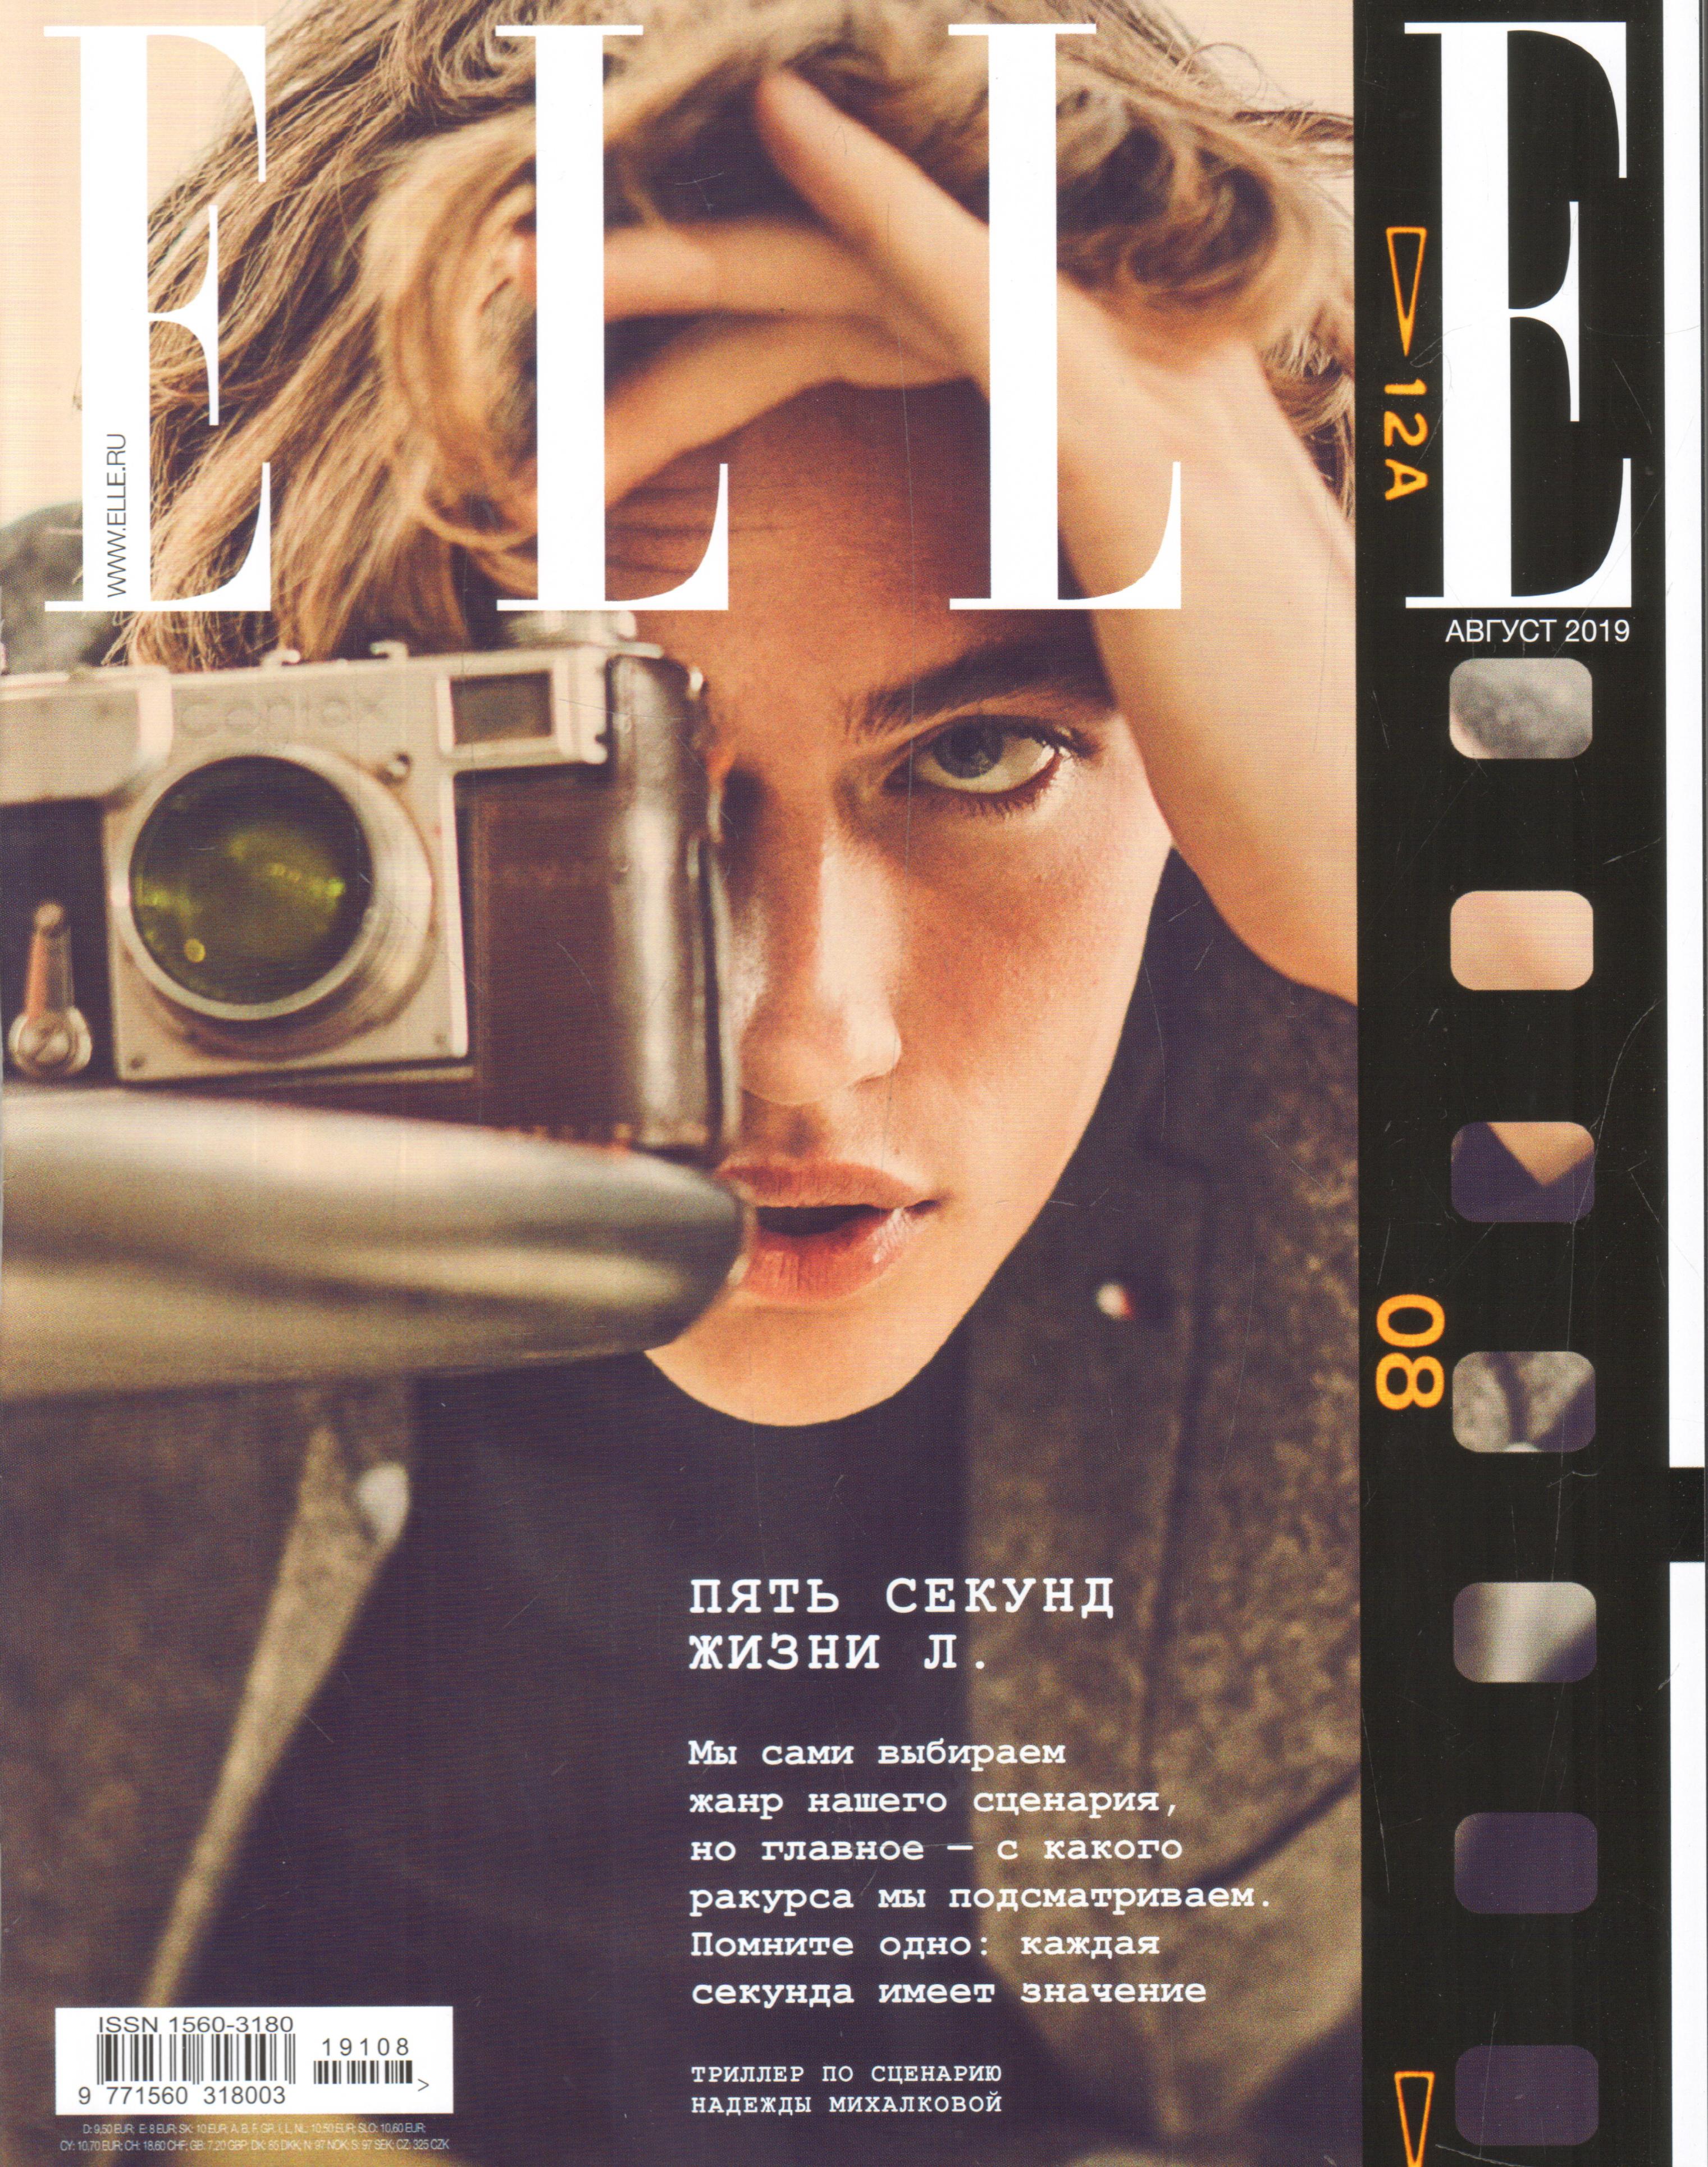 Фотографы журнала elle работа для модели на вебкам эротика сайте